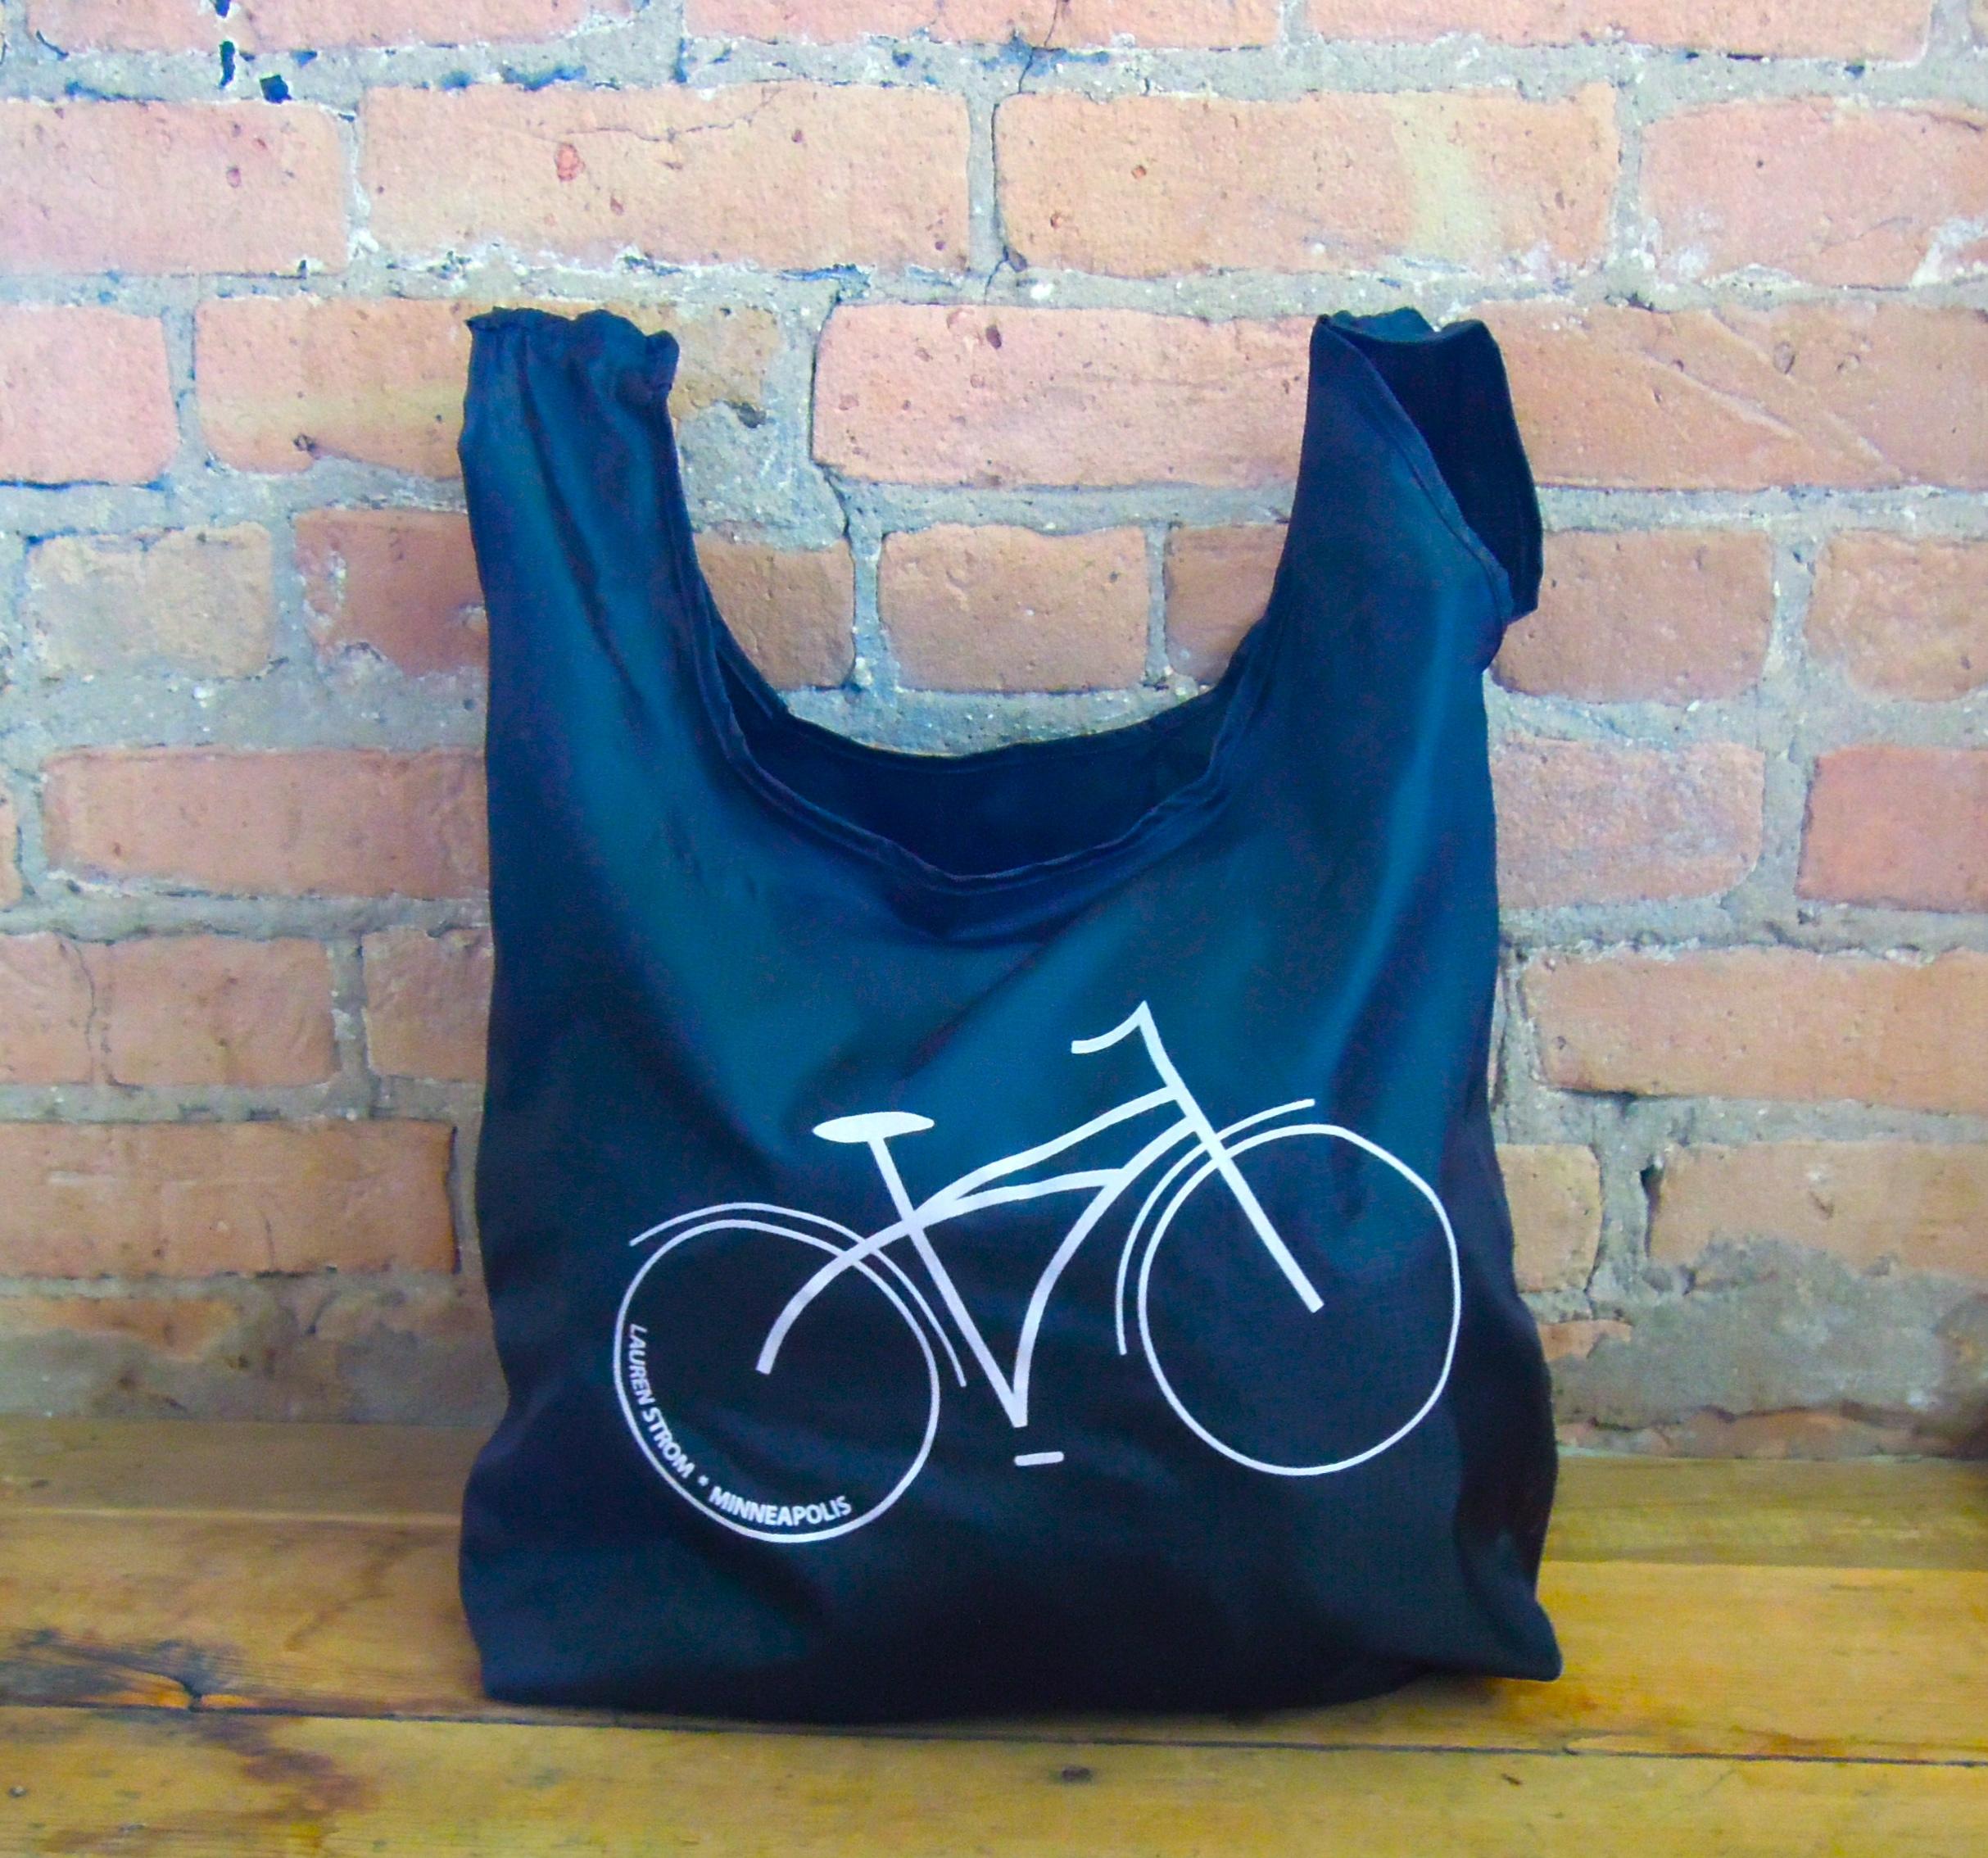 StromLauren Bike Bag.JPG